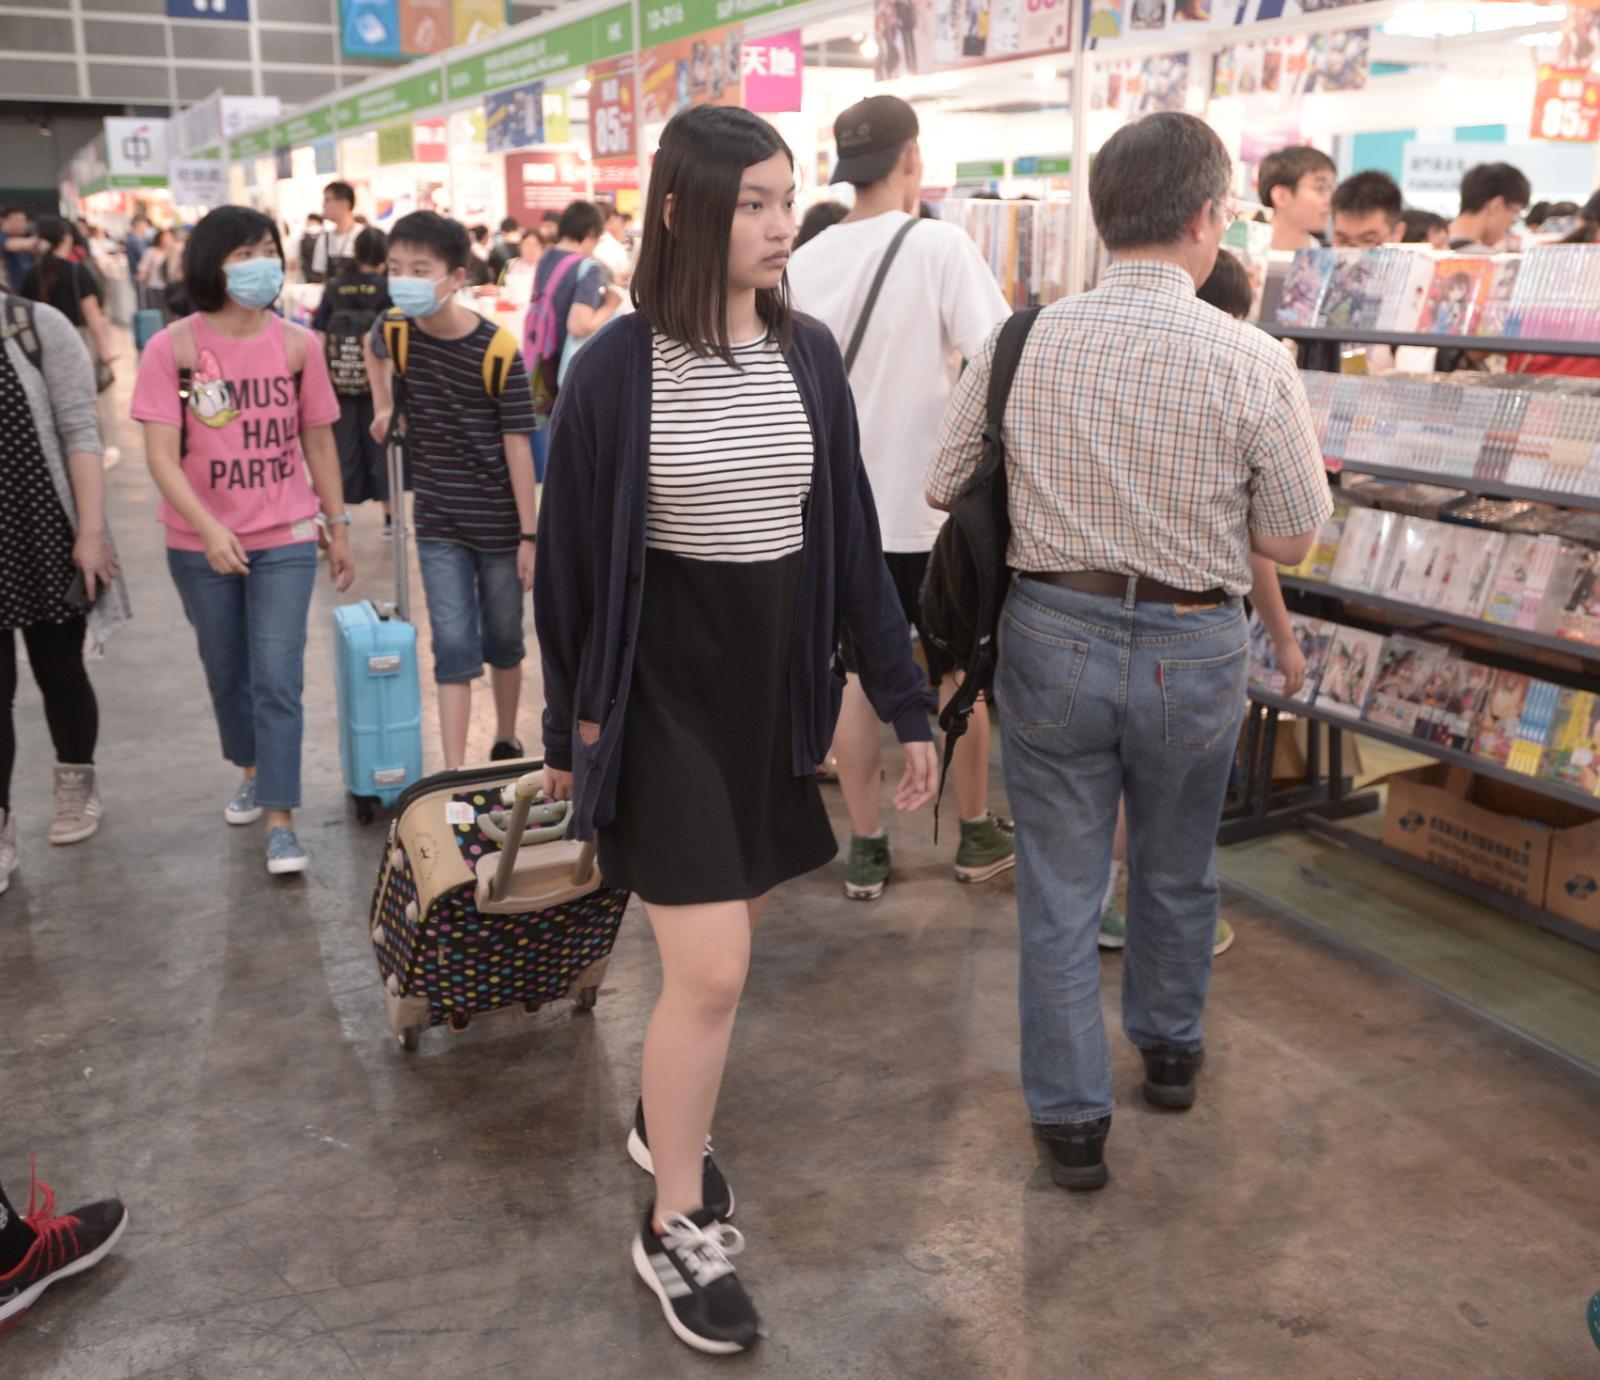 市民攜行李箱買書。